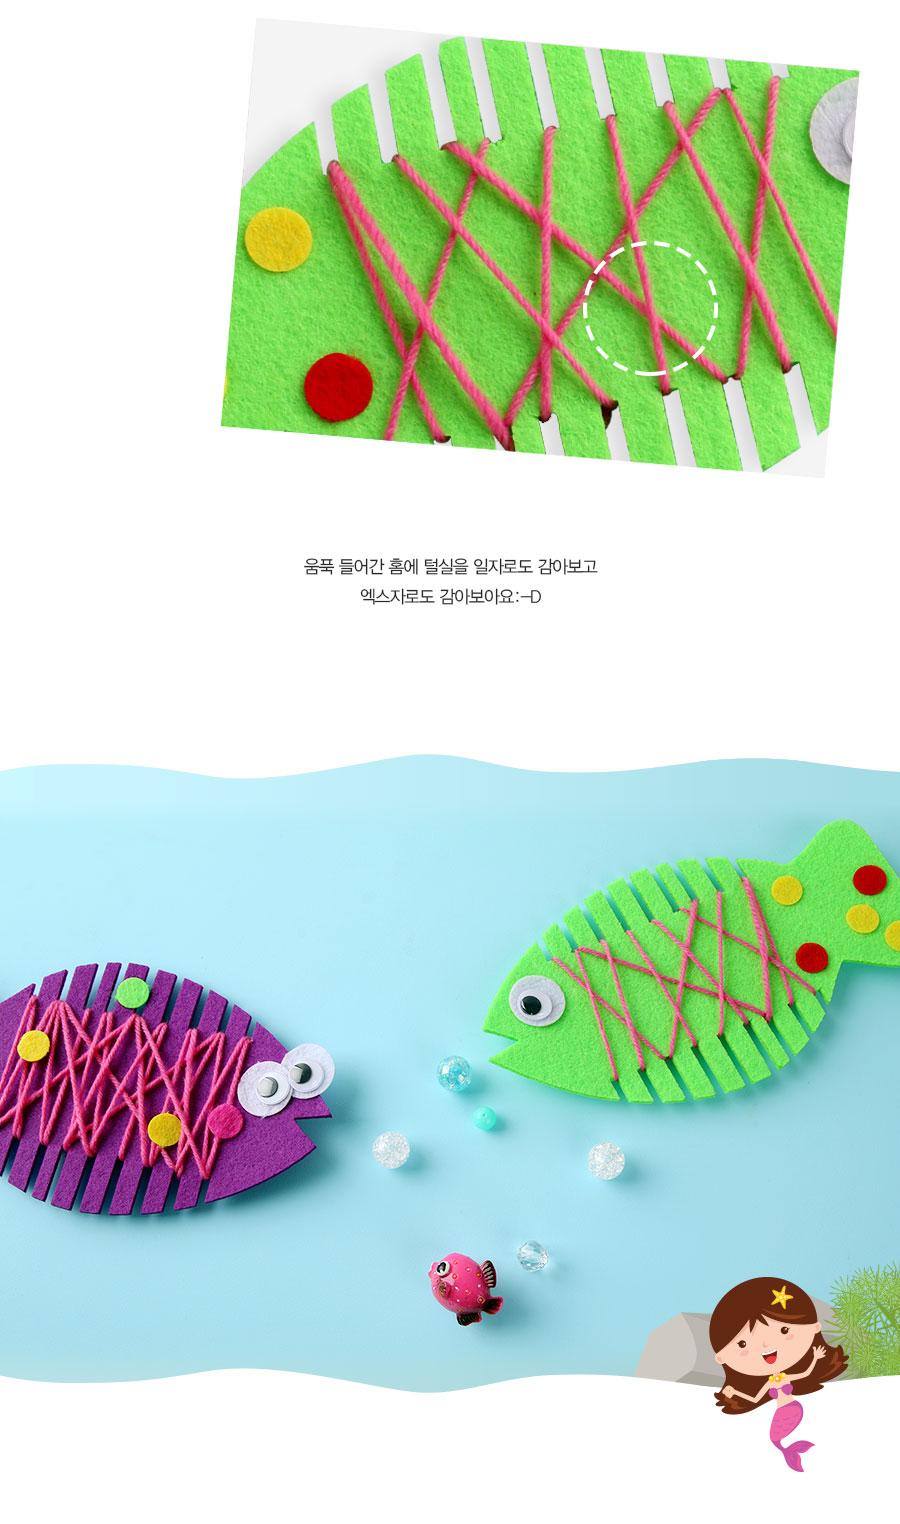 털실놀이(4종 택1)-소근육발달 - 아트랄라, 1,250원, 미니어처 DIY, 미니어처 만들기 패키지